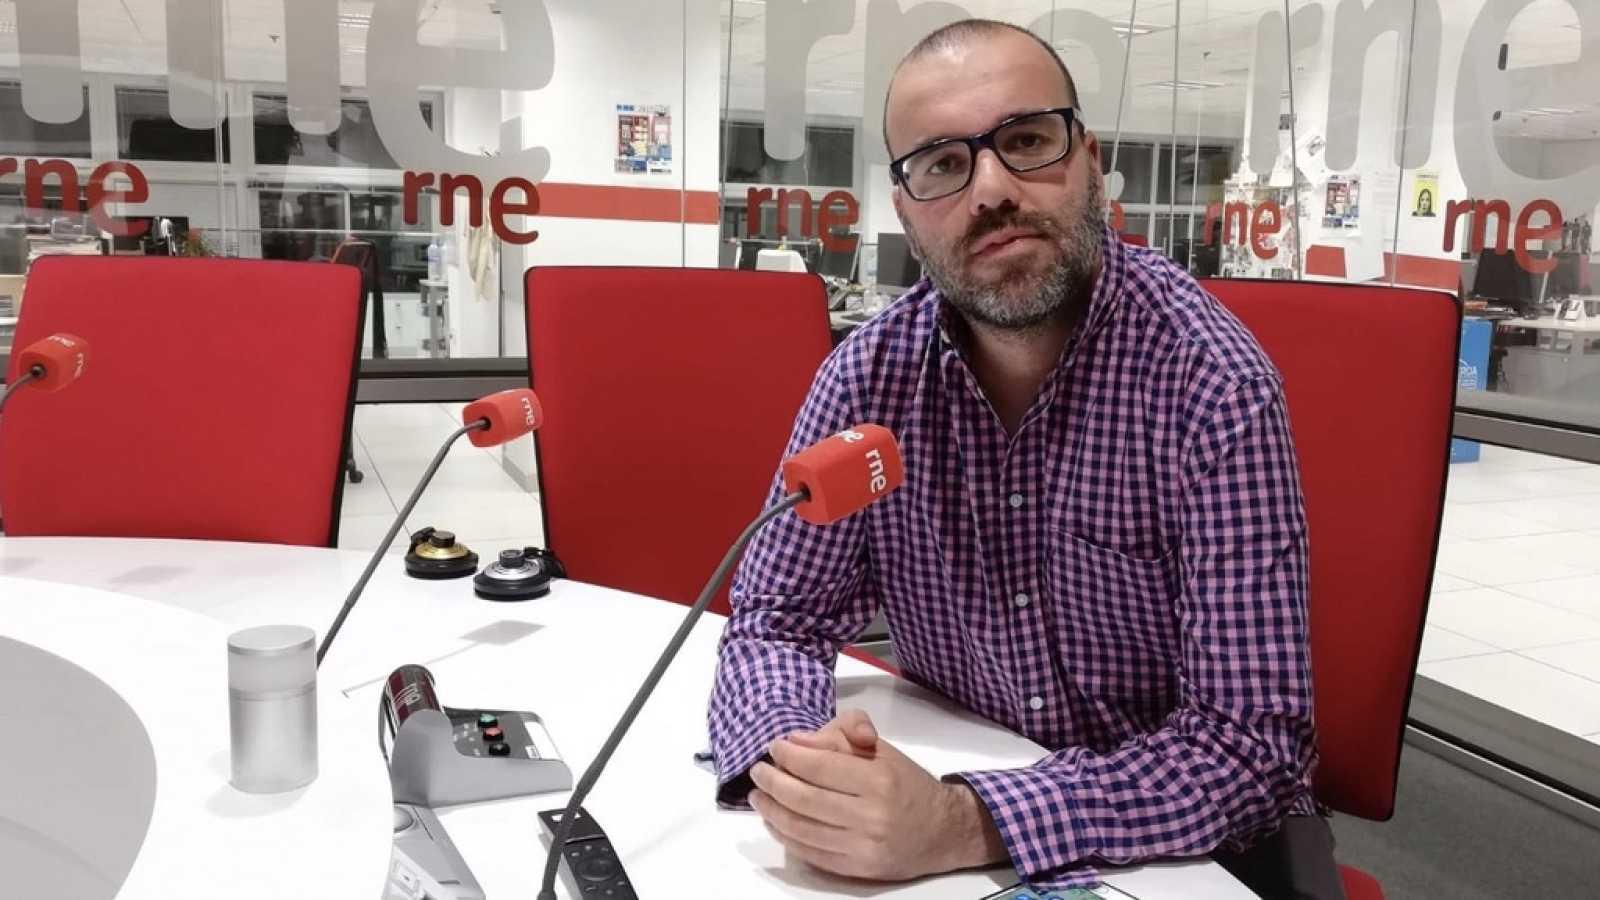 Borja Terán y la 'tele' - Escuchar ahora